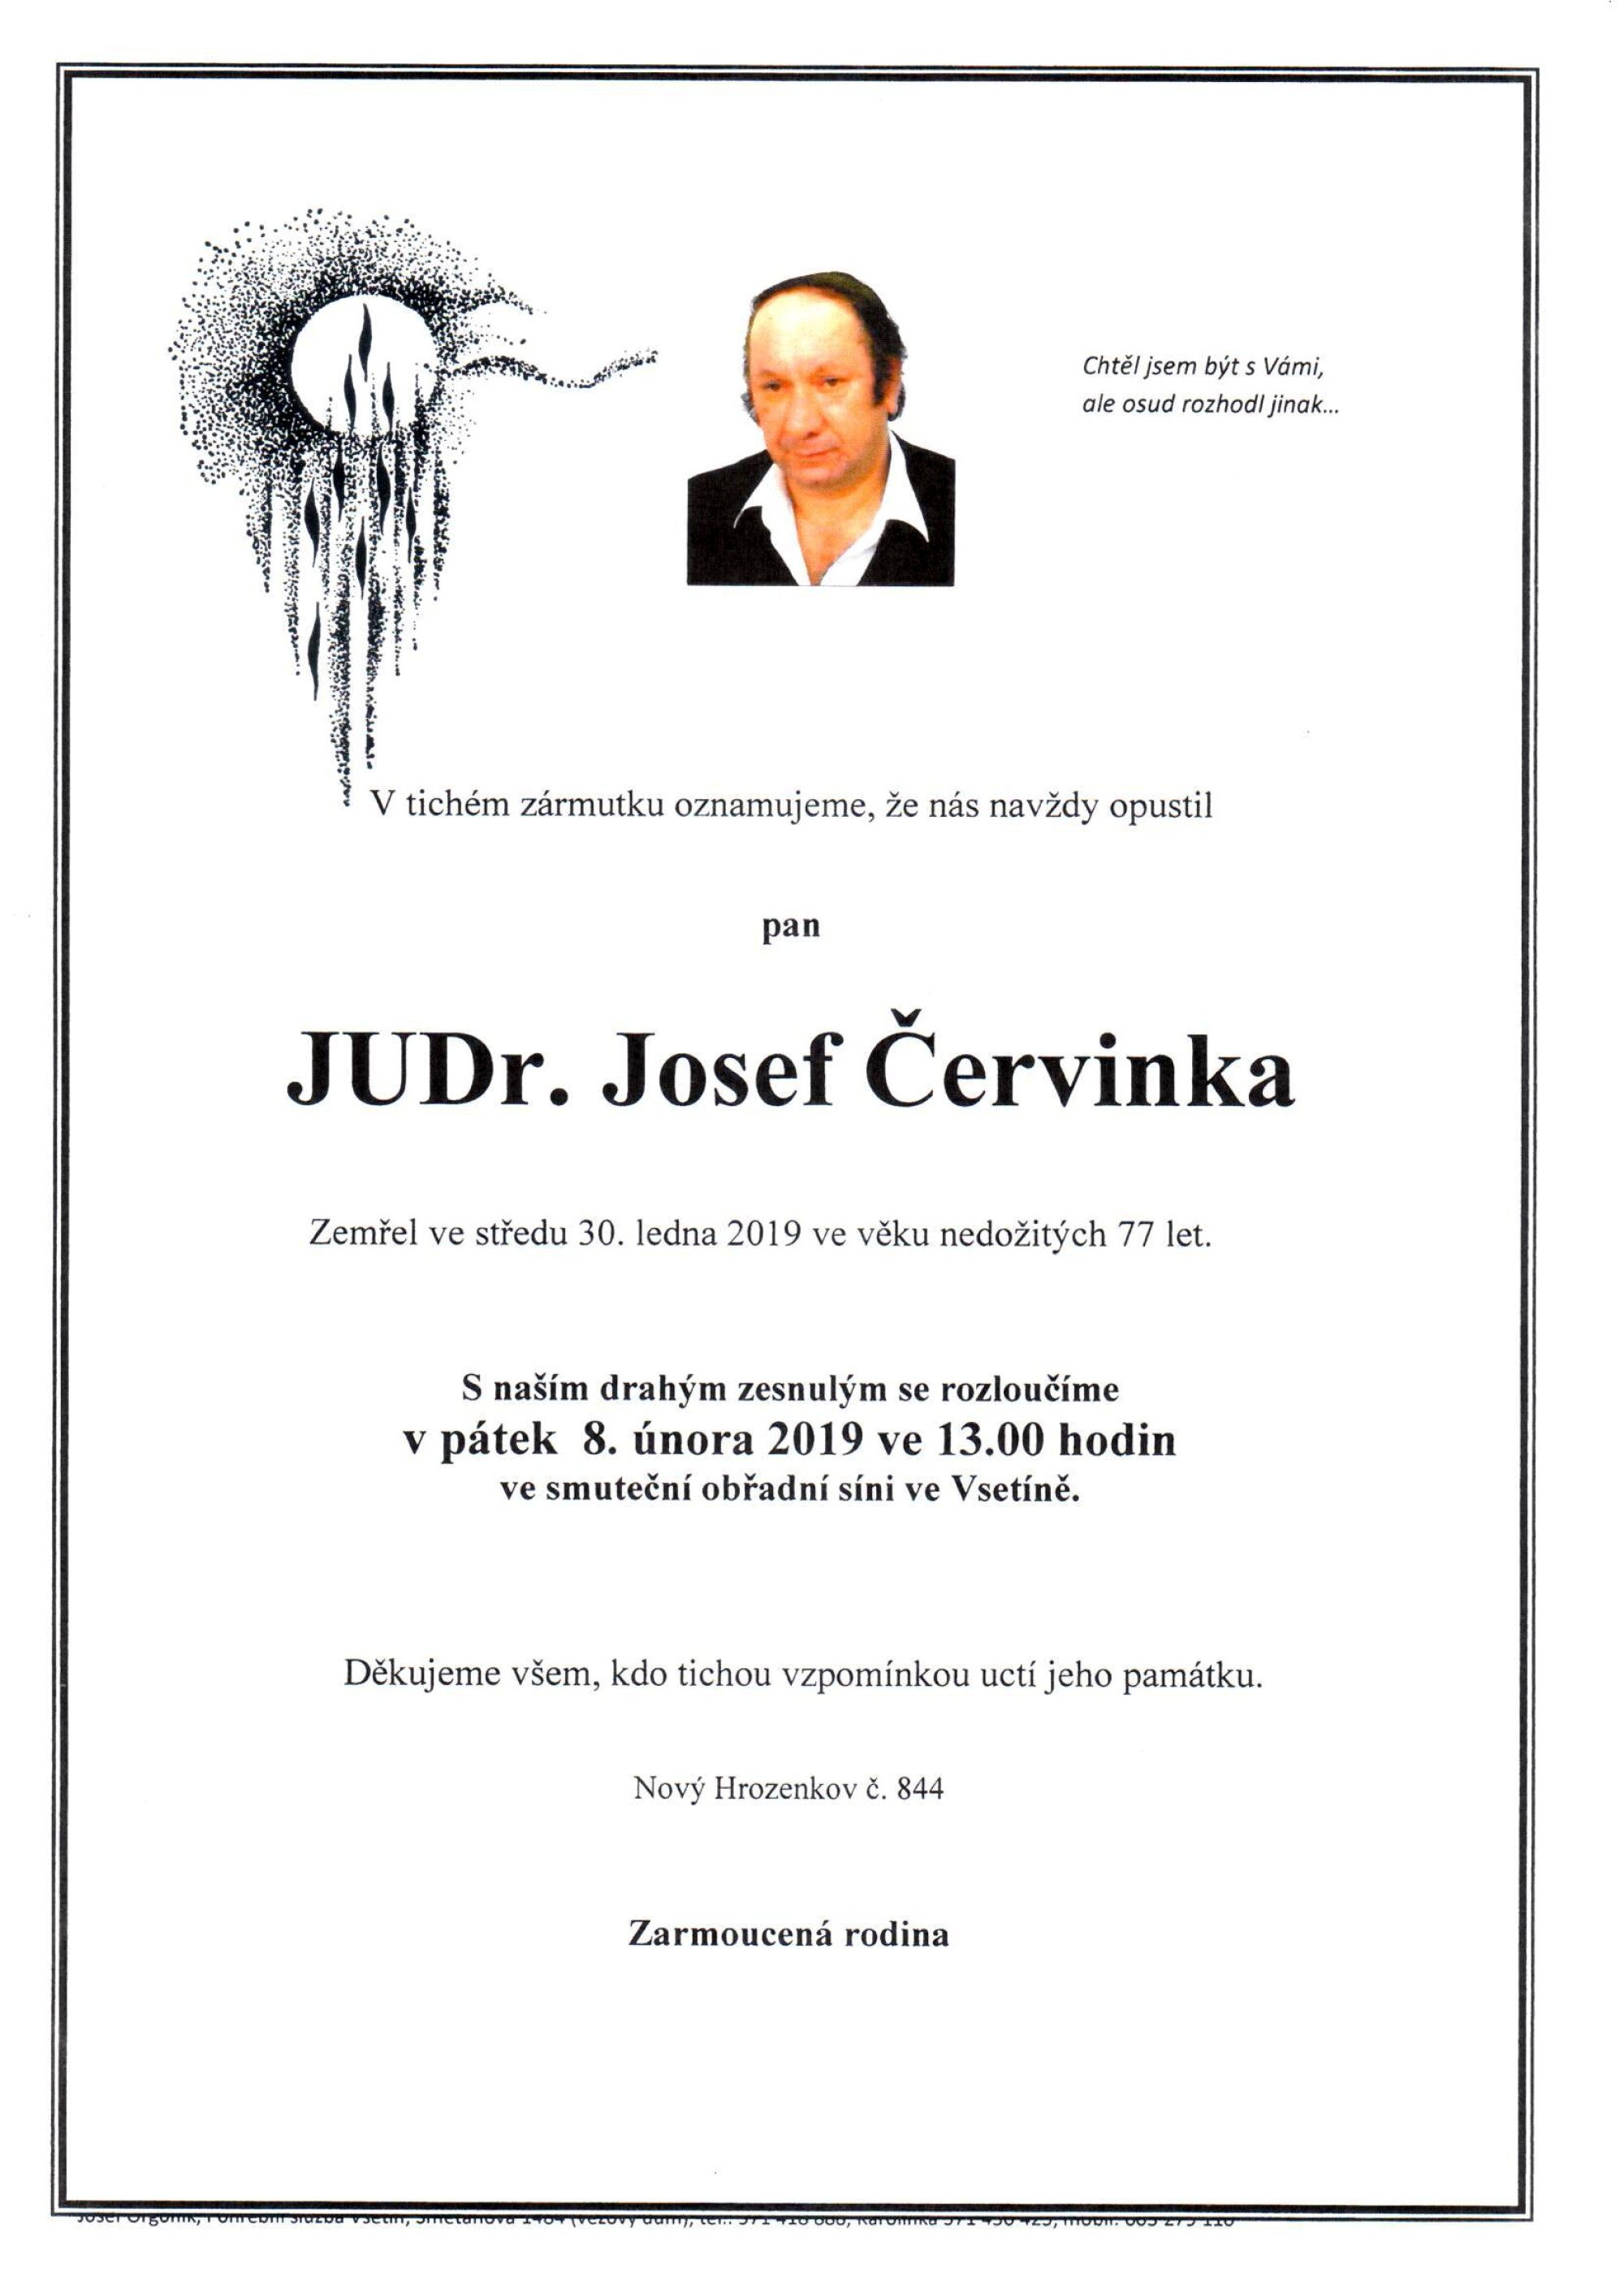 JUDr. Josef Červinka